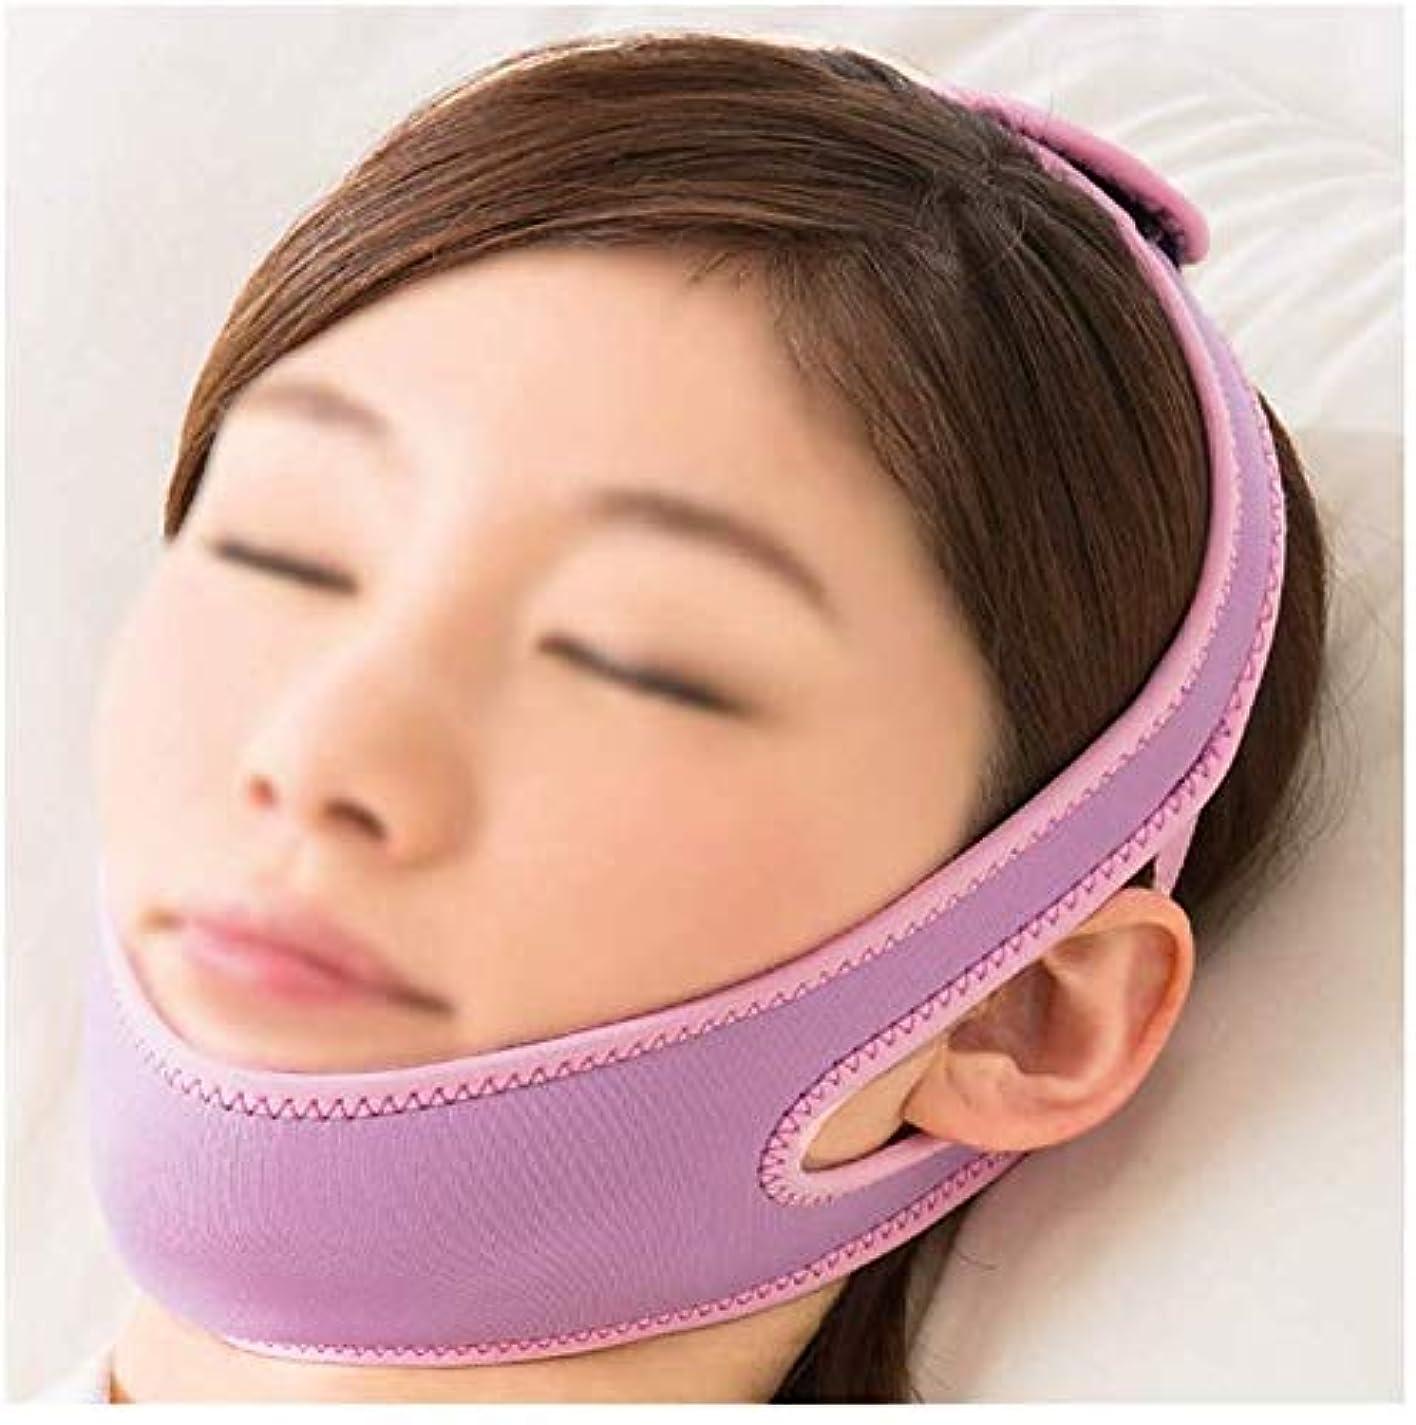 扱うプレゼント間欠美容と実用的なフェイシャルマスク、リフティングアーティファクトフェイスマスク小さなV顔包帯でたるみ顔通気性睡眠顔ダブルあごセット睡眠弾性Slim身ベルト